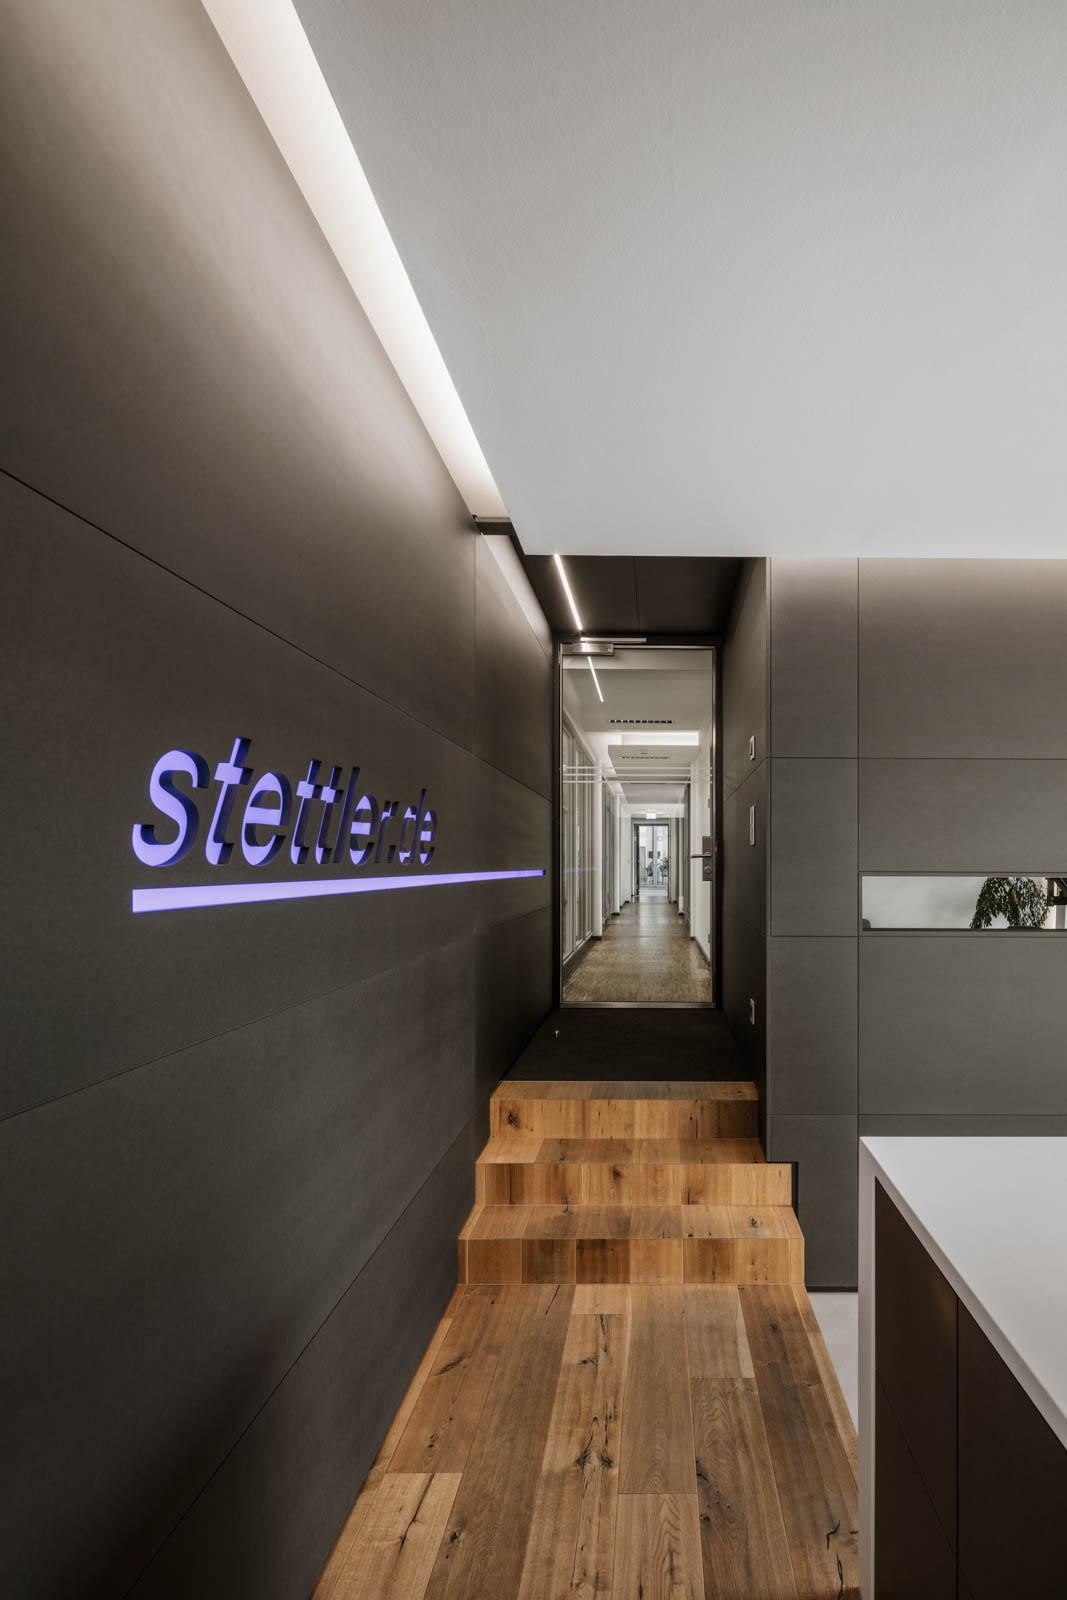 Nickel und Wachter Architekten - Stettler.de Haupteingang